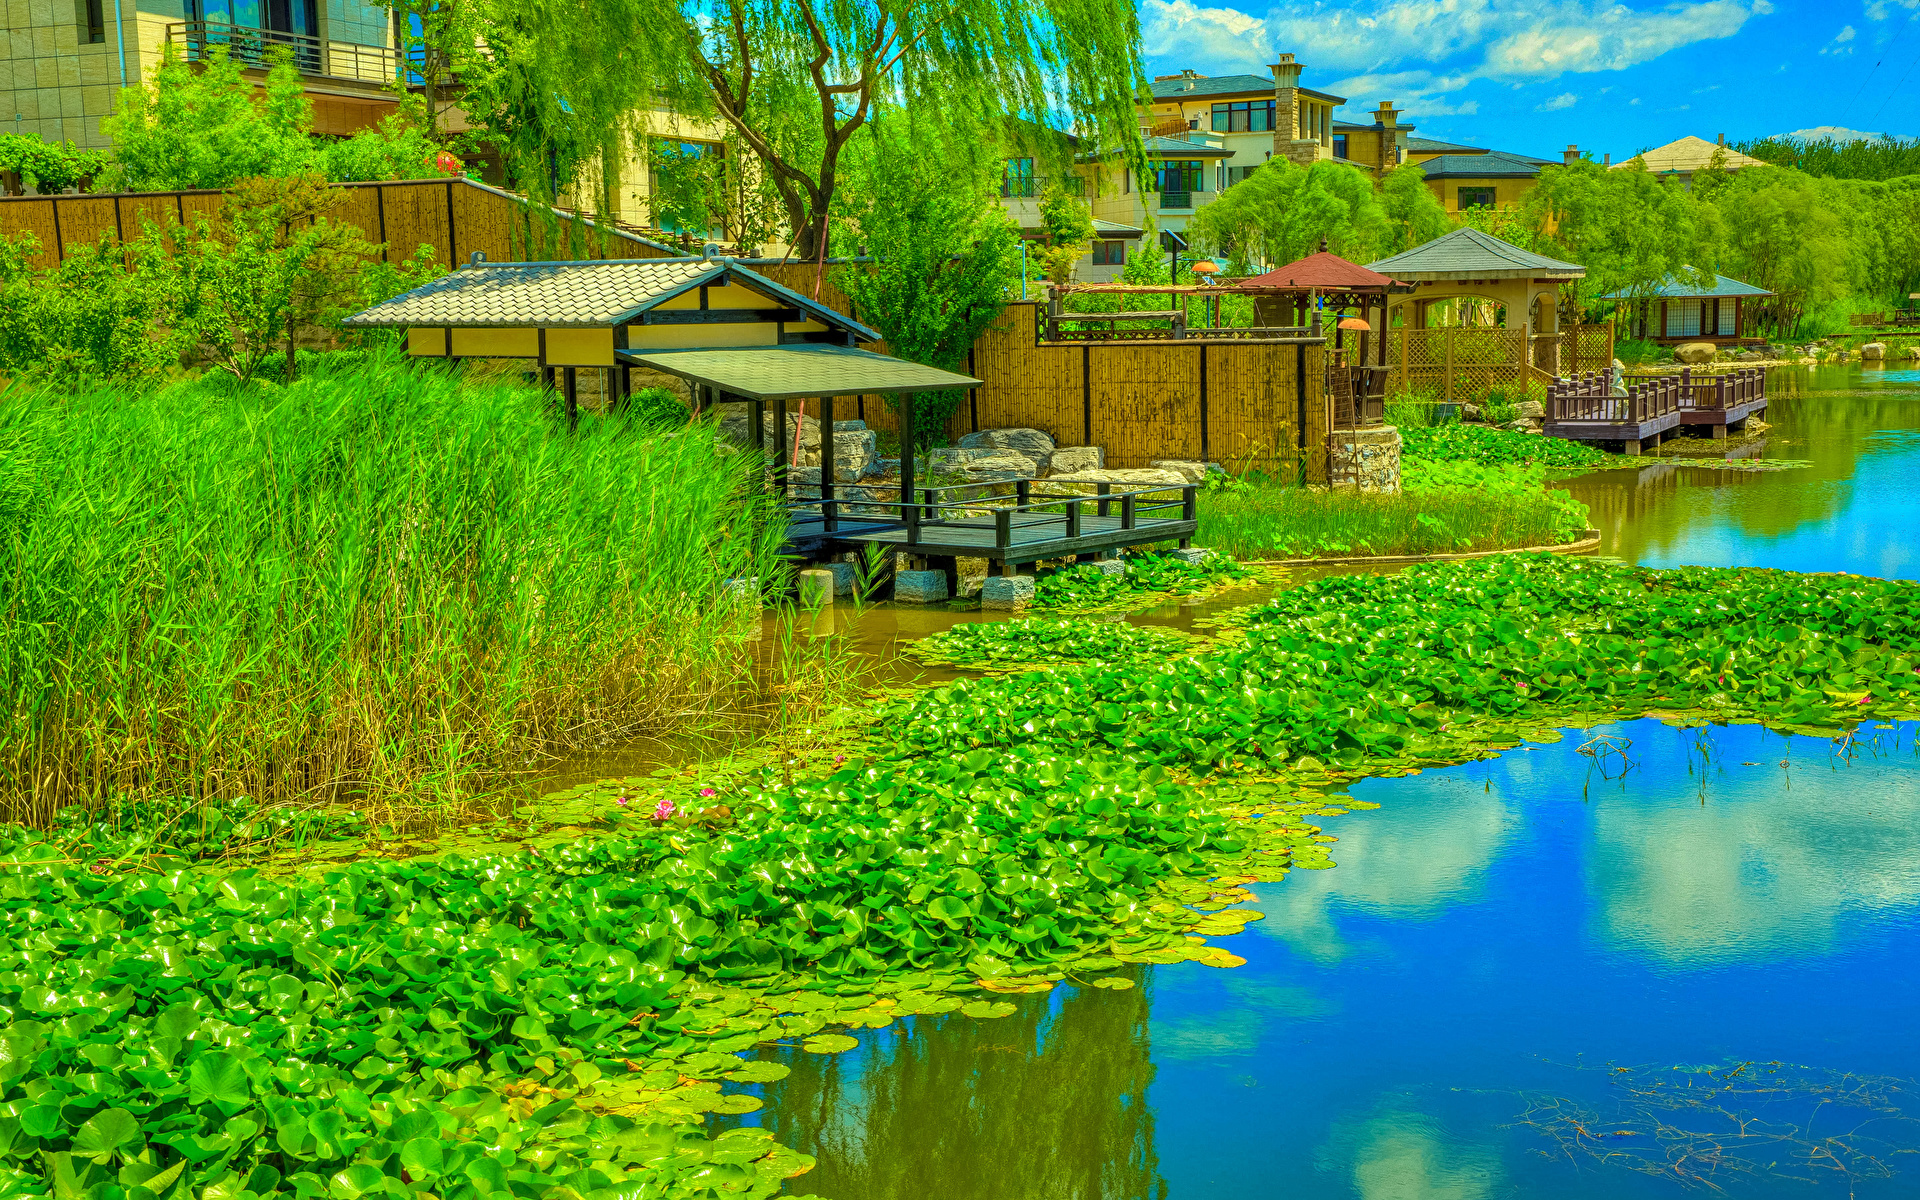 Фото Китай Beijing Zen Garden HDR Природа парк Водяные лилии речка Пристань 1920x1200 HDRI Парки Кувшинки Реки река Пирсы Причалы